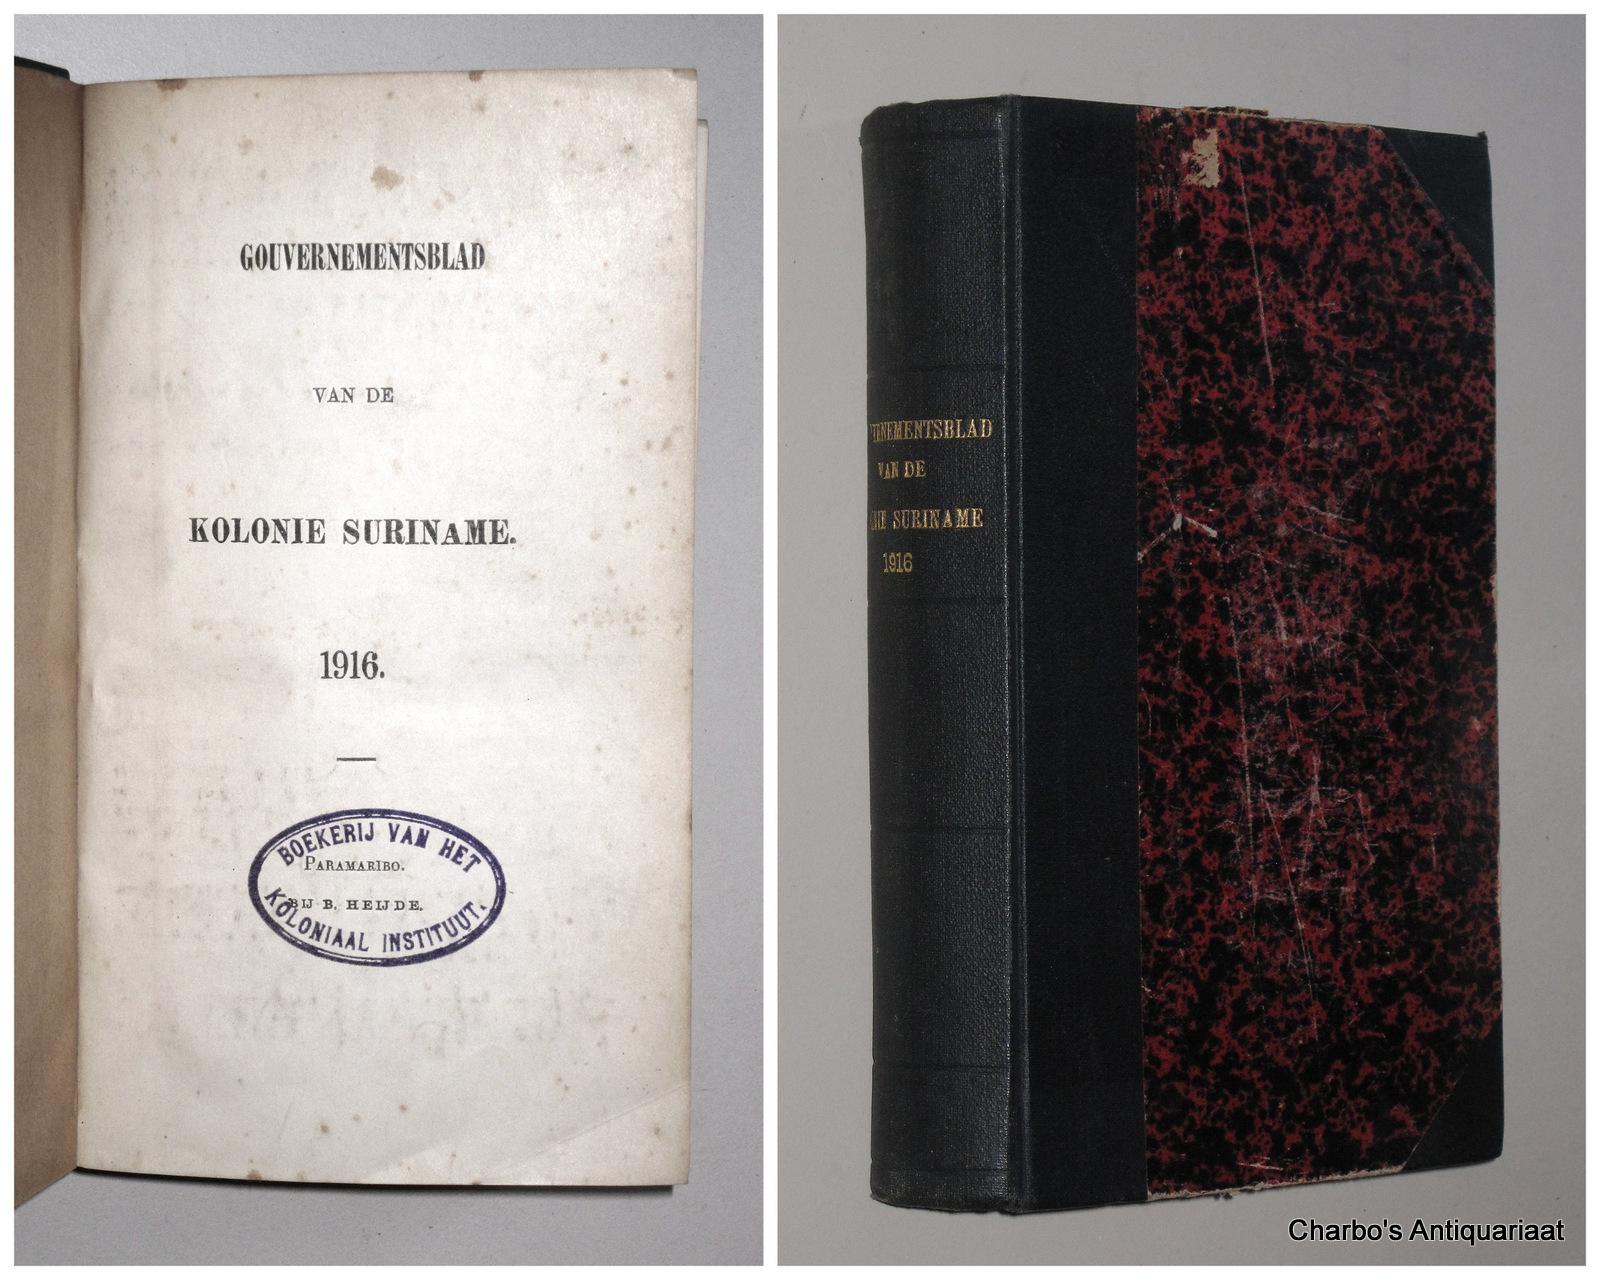 SURINAME. -  Gouvernementsblad van de Kolonie Suriname 1916.